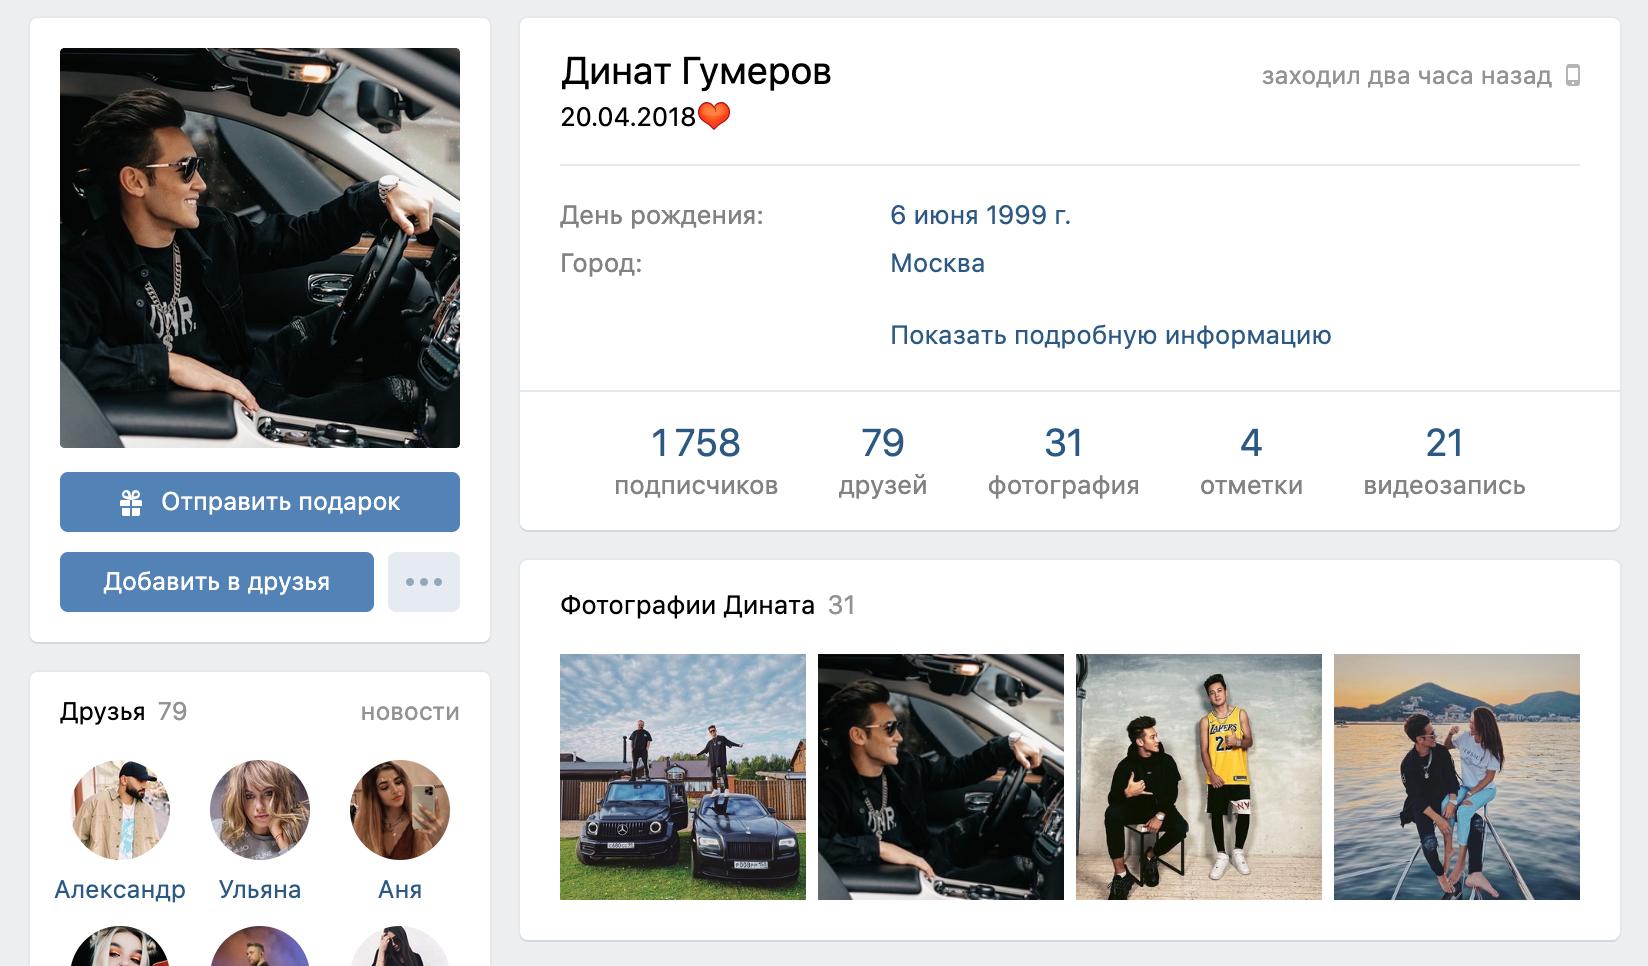 Страница Дината Гумерова